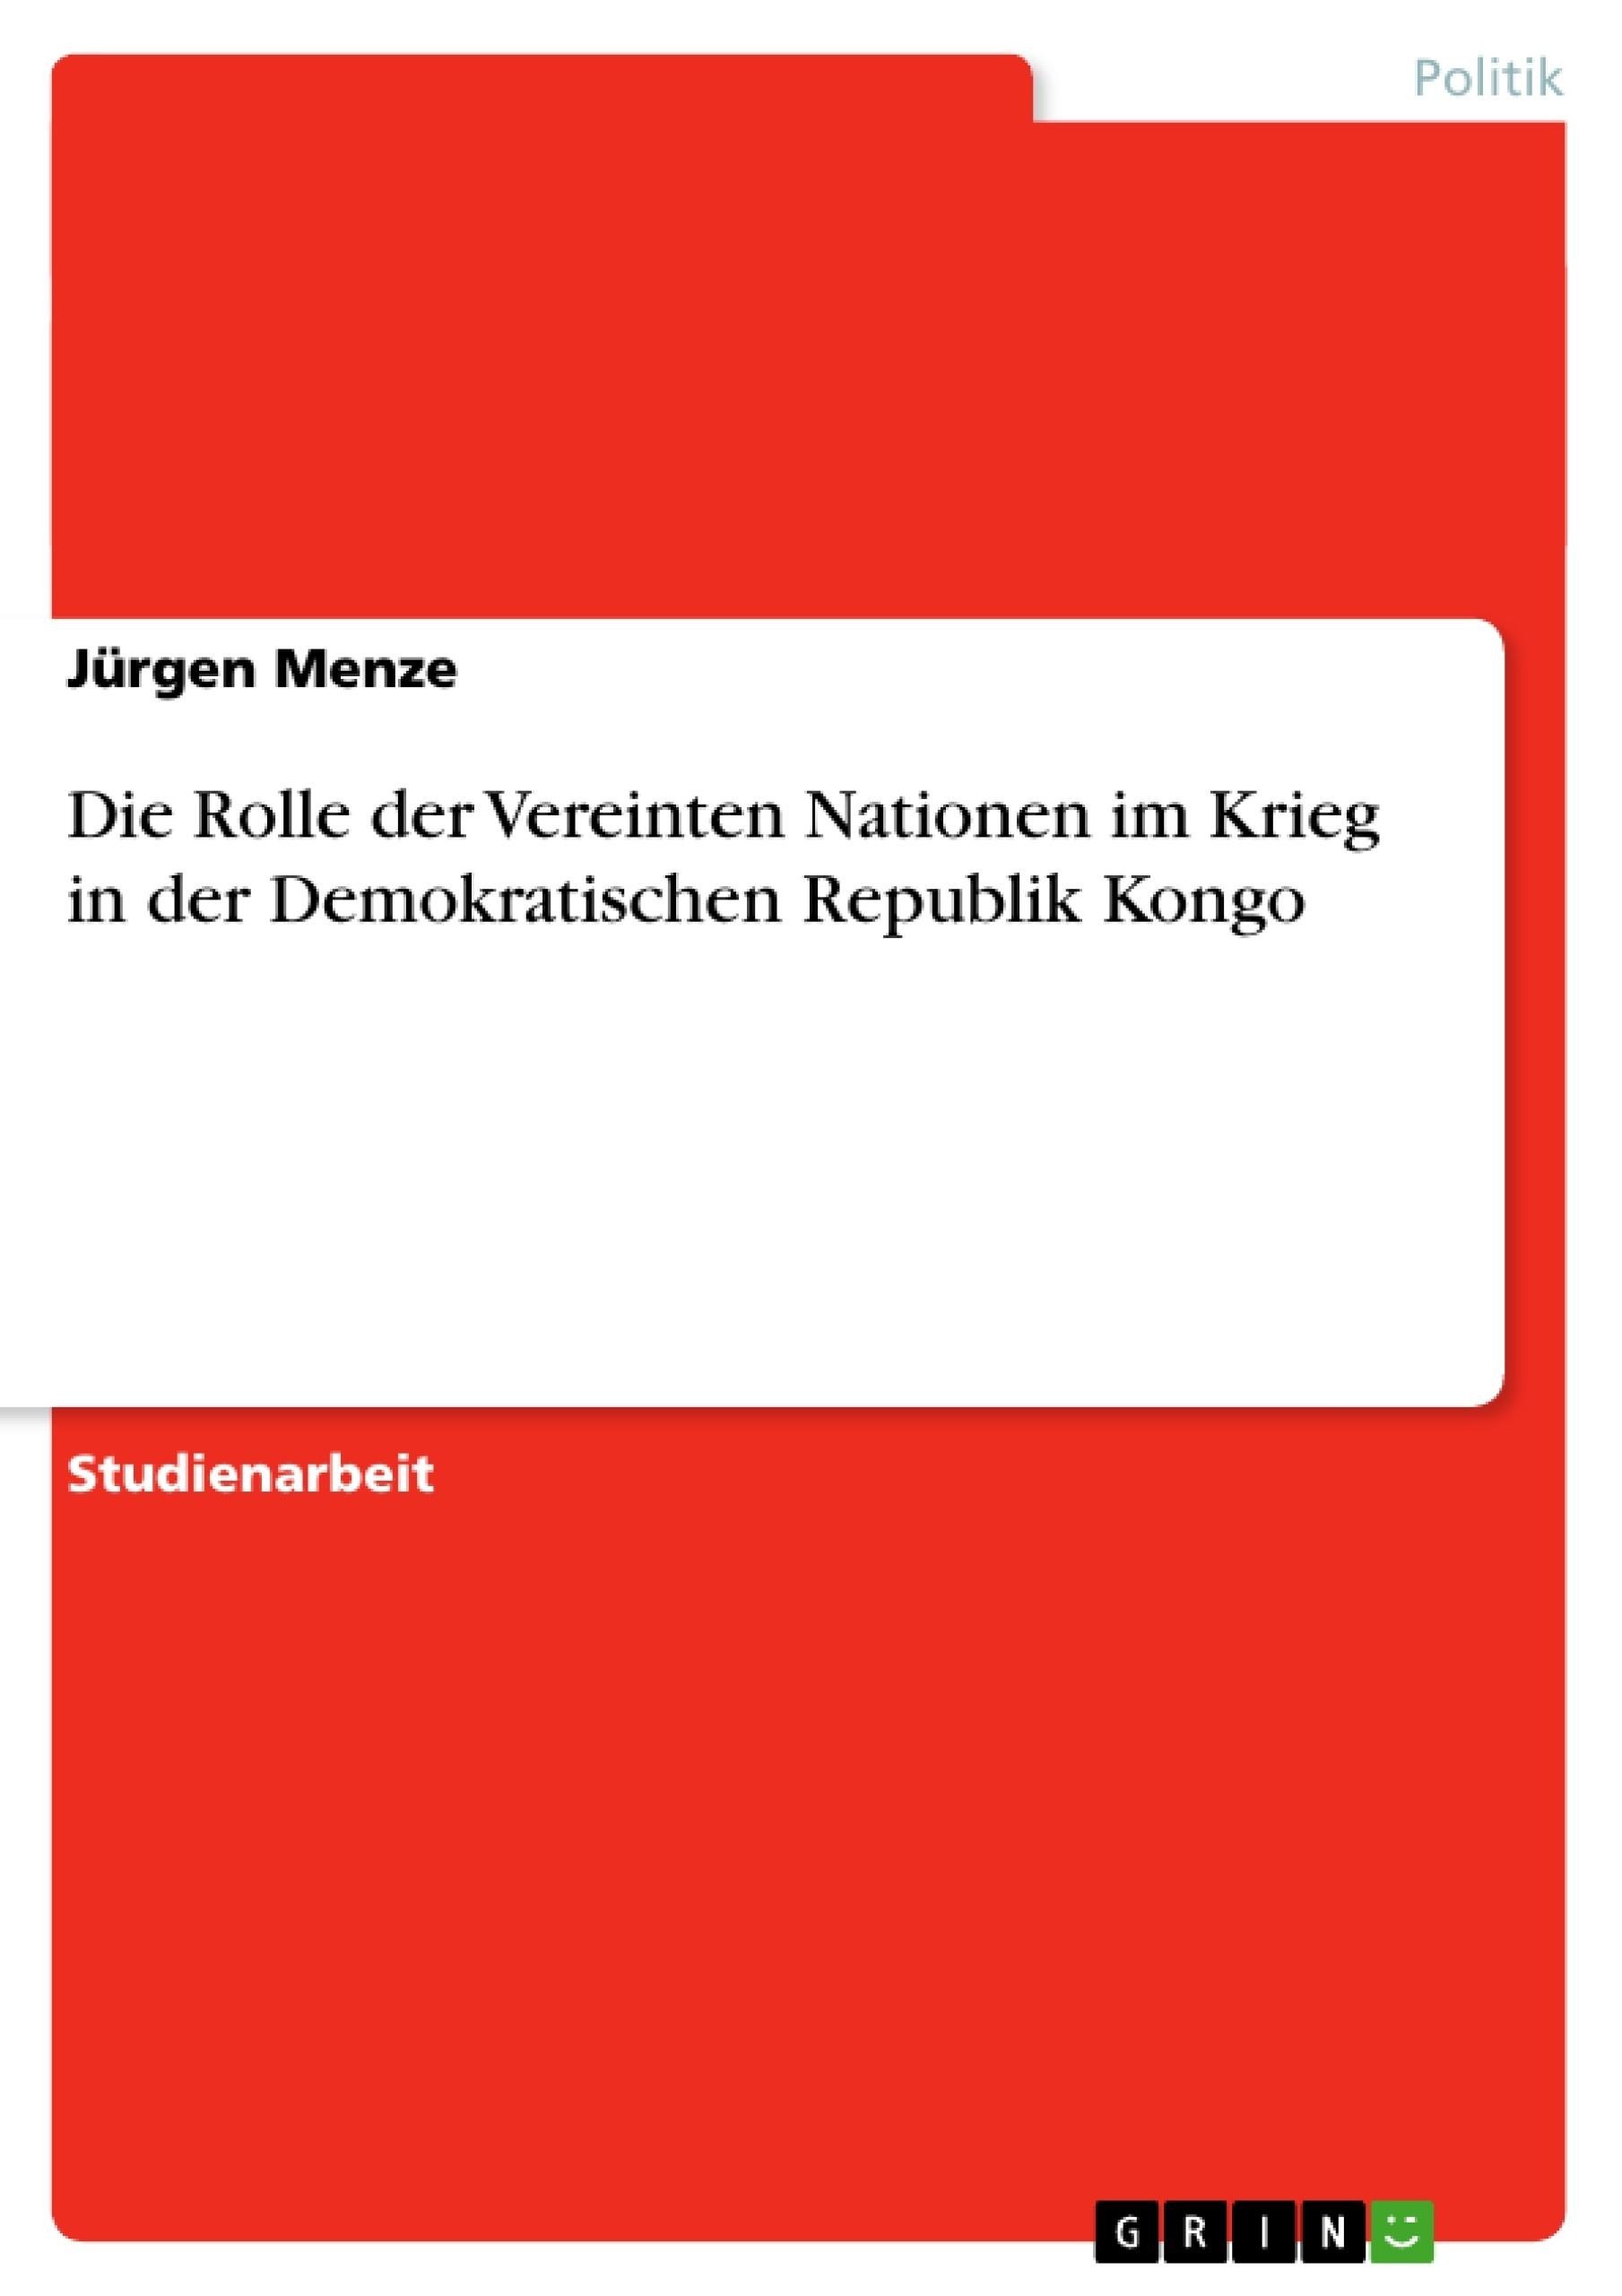 Titel: Die Rolle der Vereinten Nationen im Krieg in der Demokratischen Republik Kongo